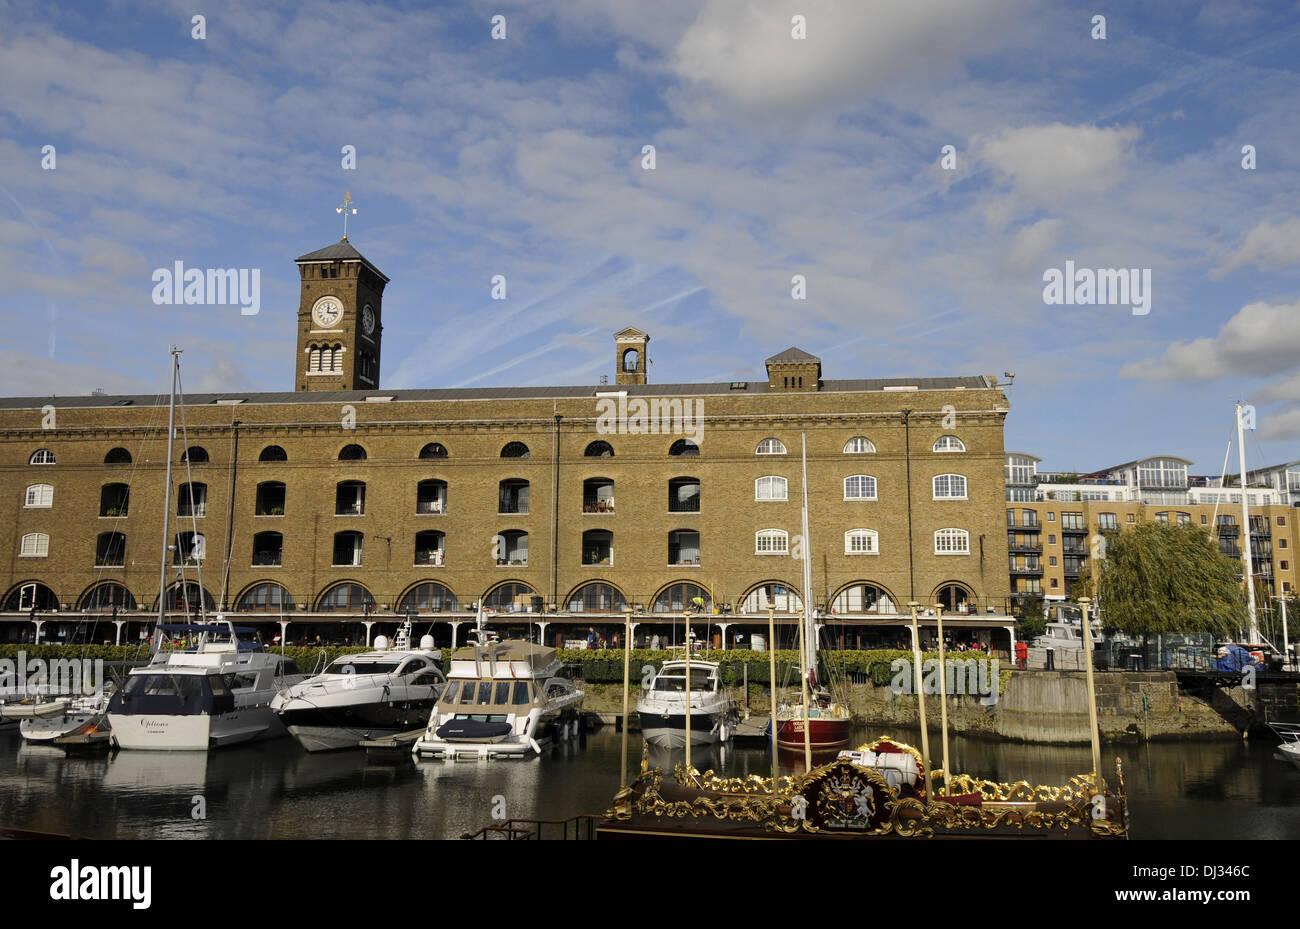 St Katharine's Dock London England - Stock Image